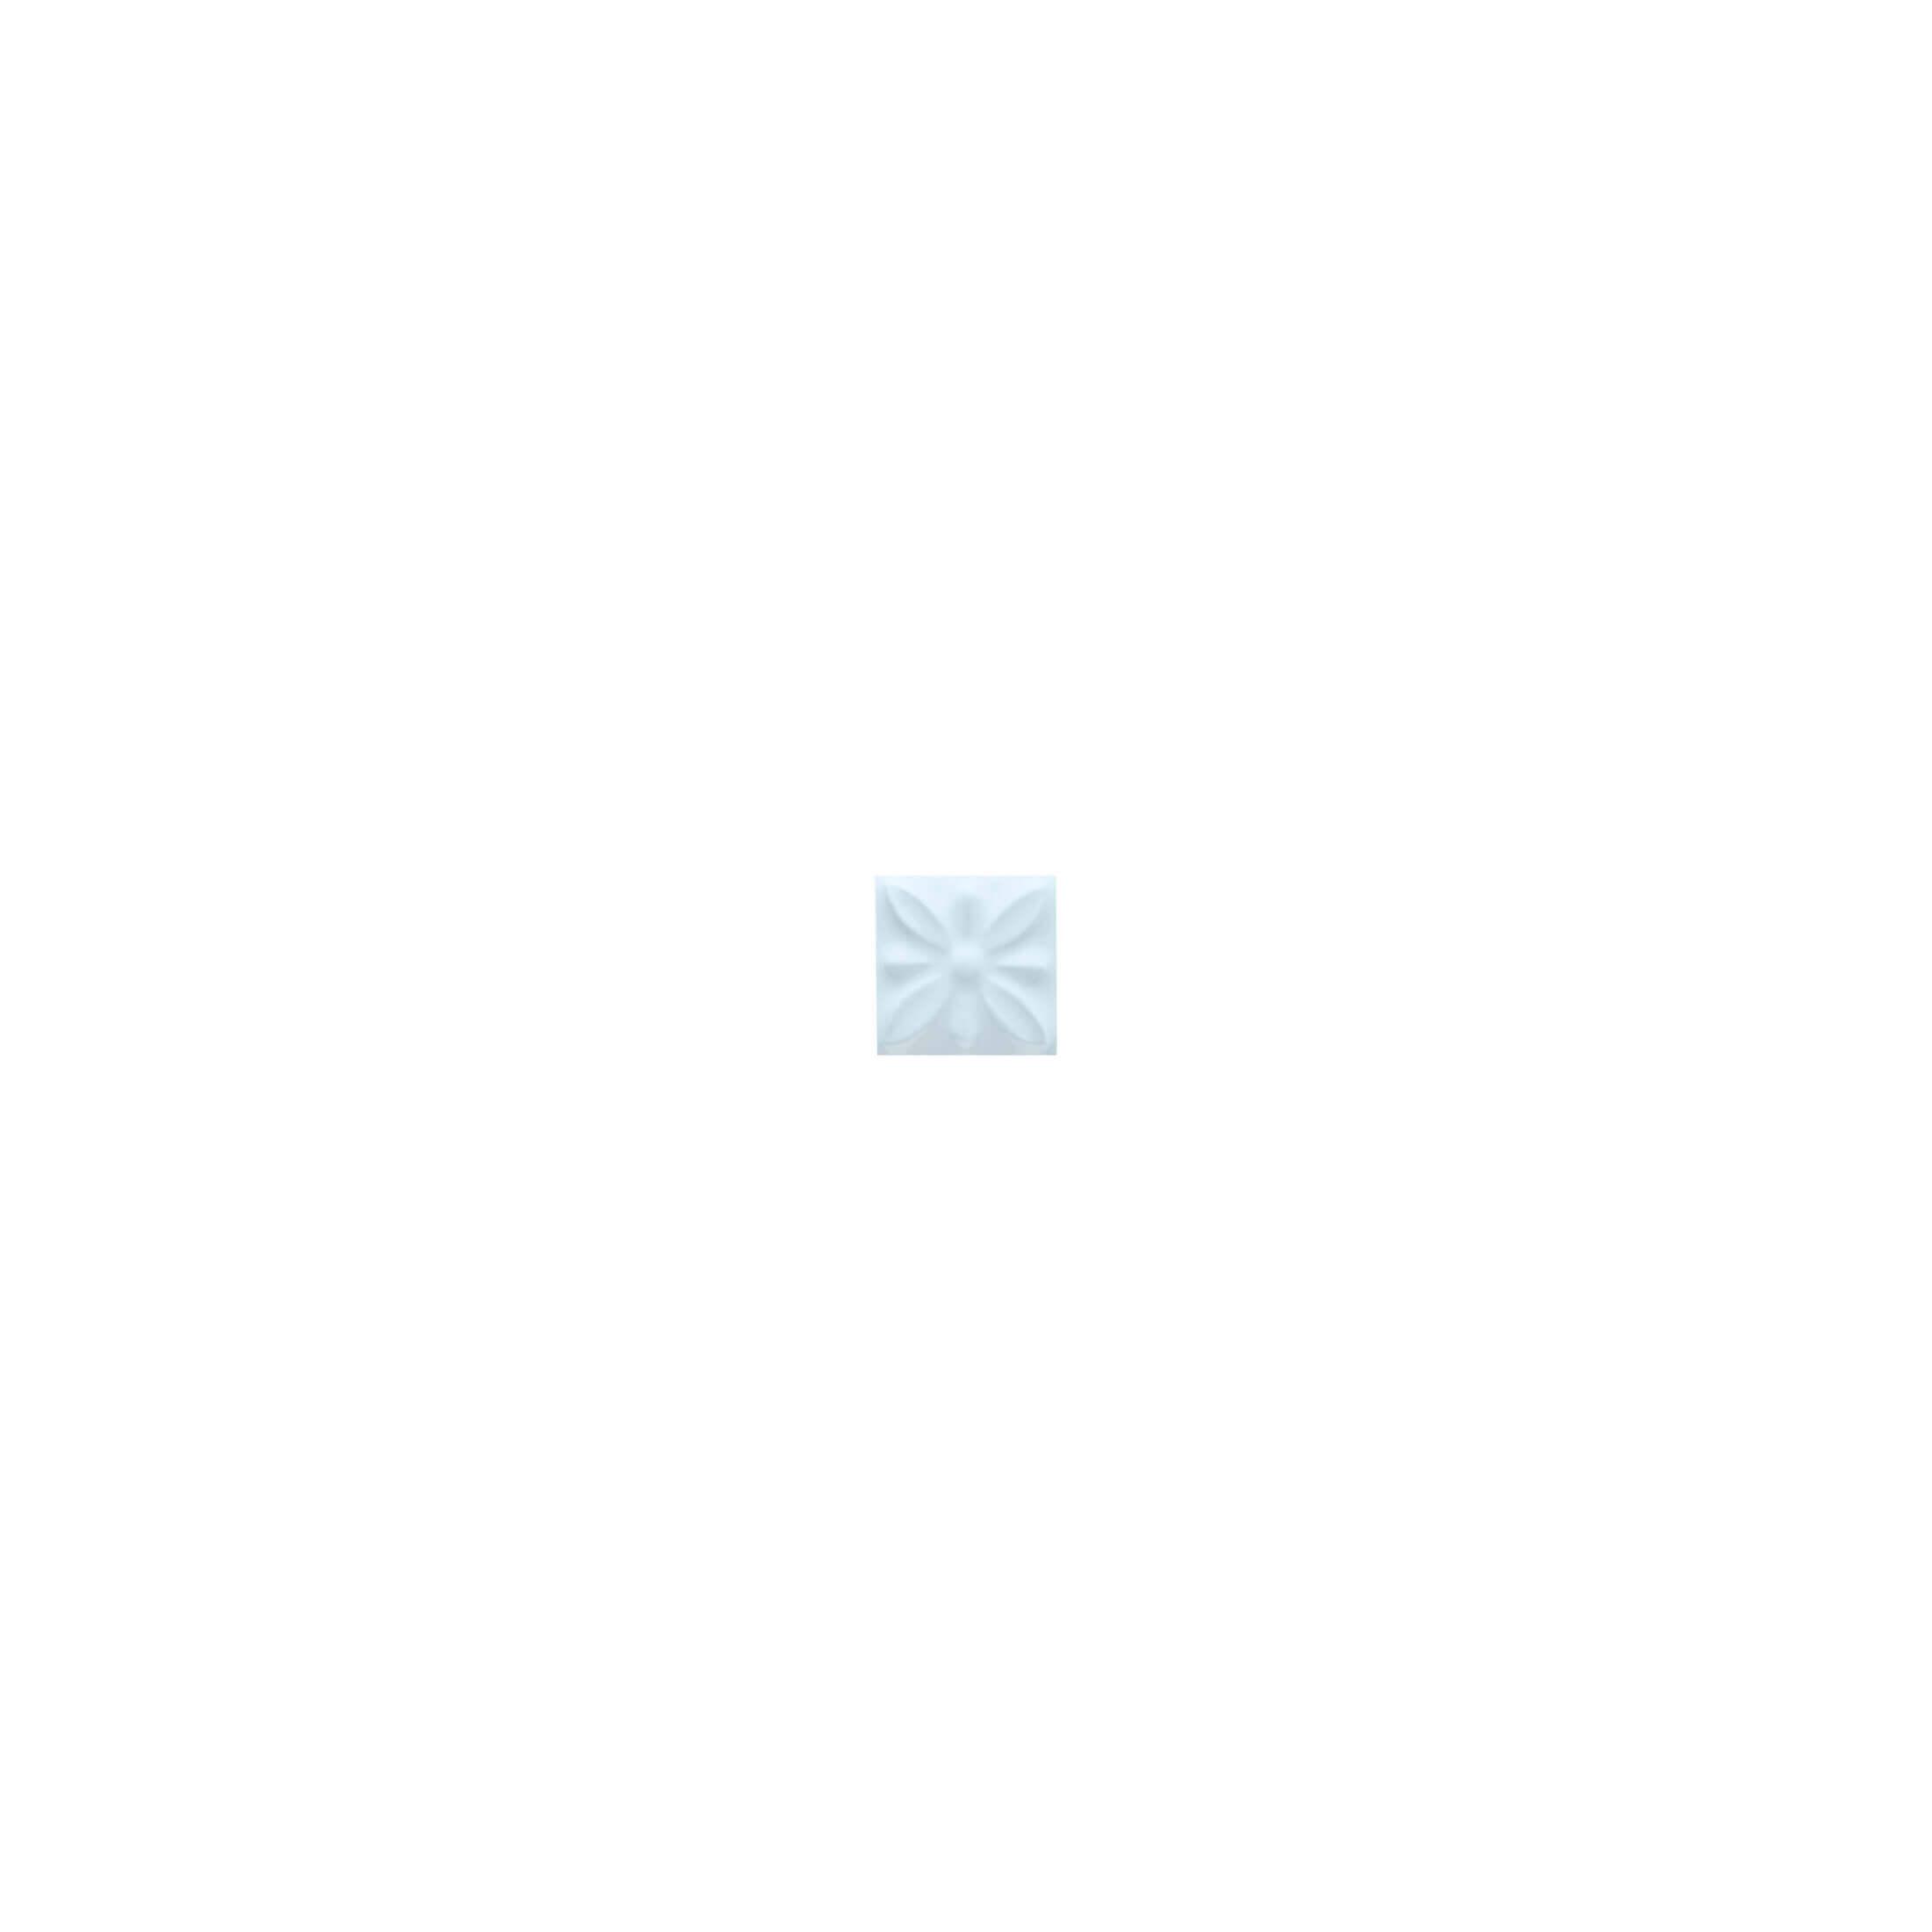 ADST4109 - TACO RELIEVE FLOR Nº 1 - 3 cm X 3 cm